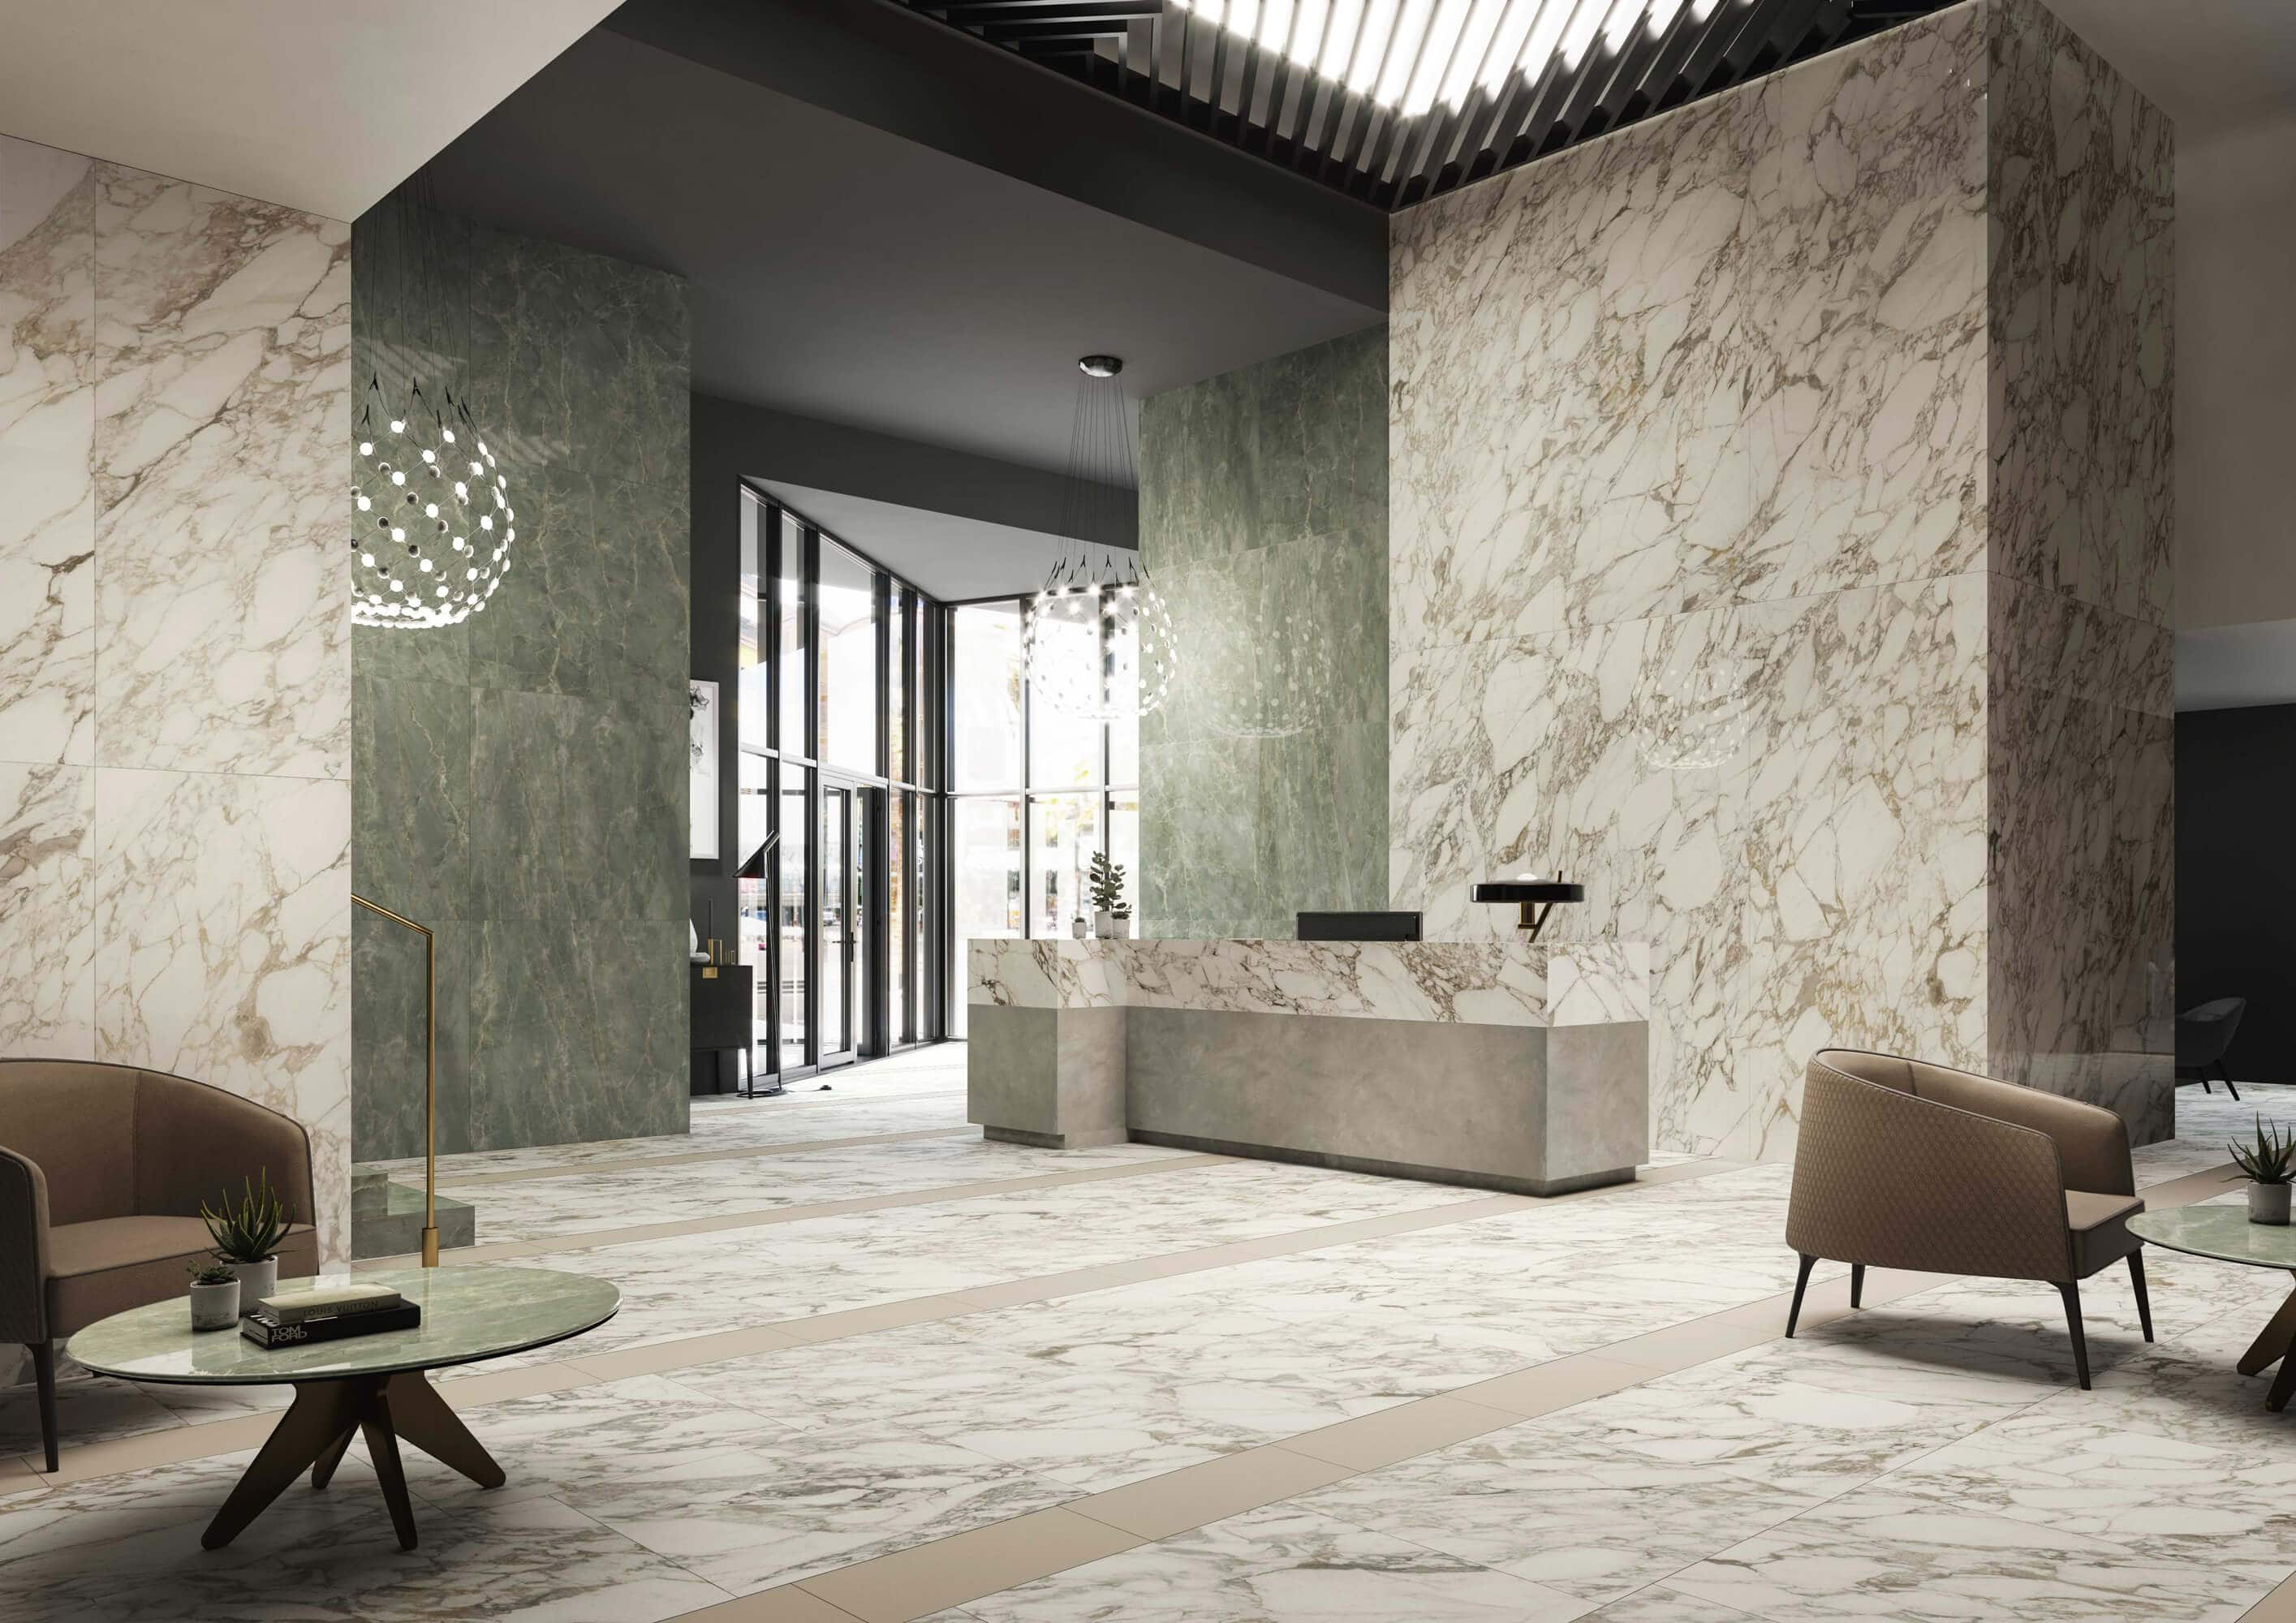 Gres Porcellanato Prezzi Bassi pavimenti gres porcellanato effetto marmo prezzo più basso